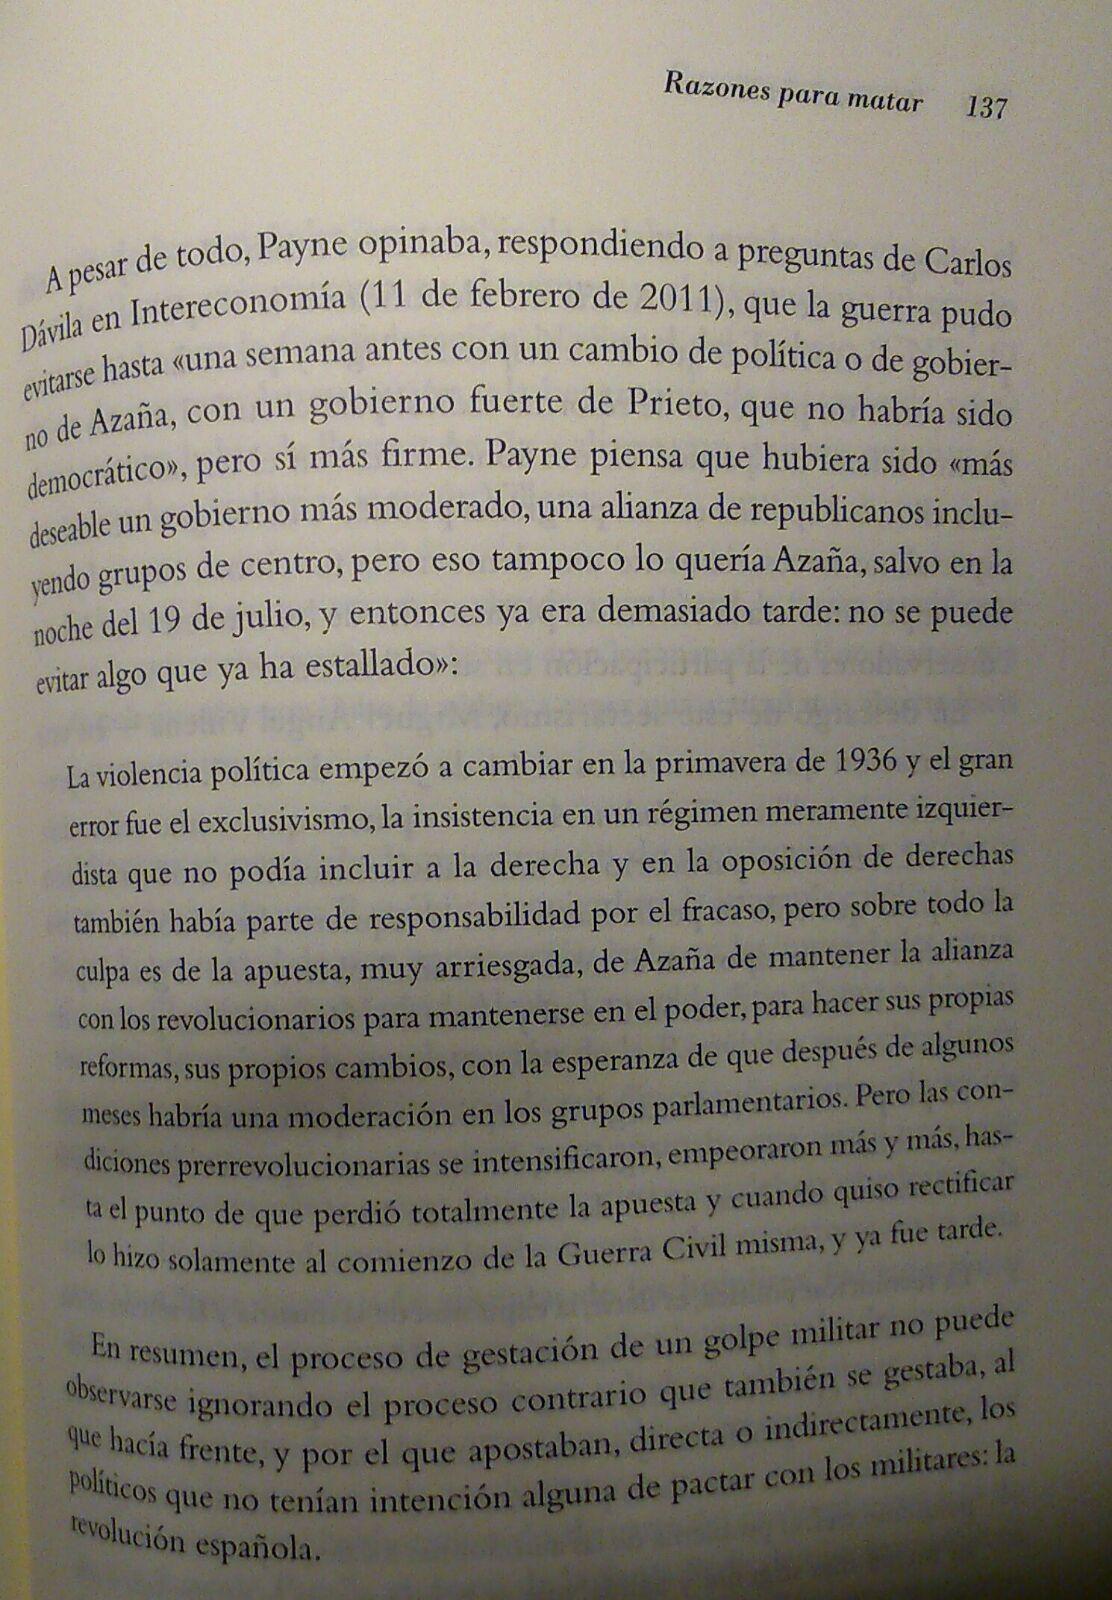 Página 137 de El Tren de la Muerte.